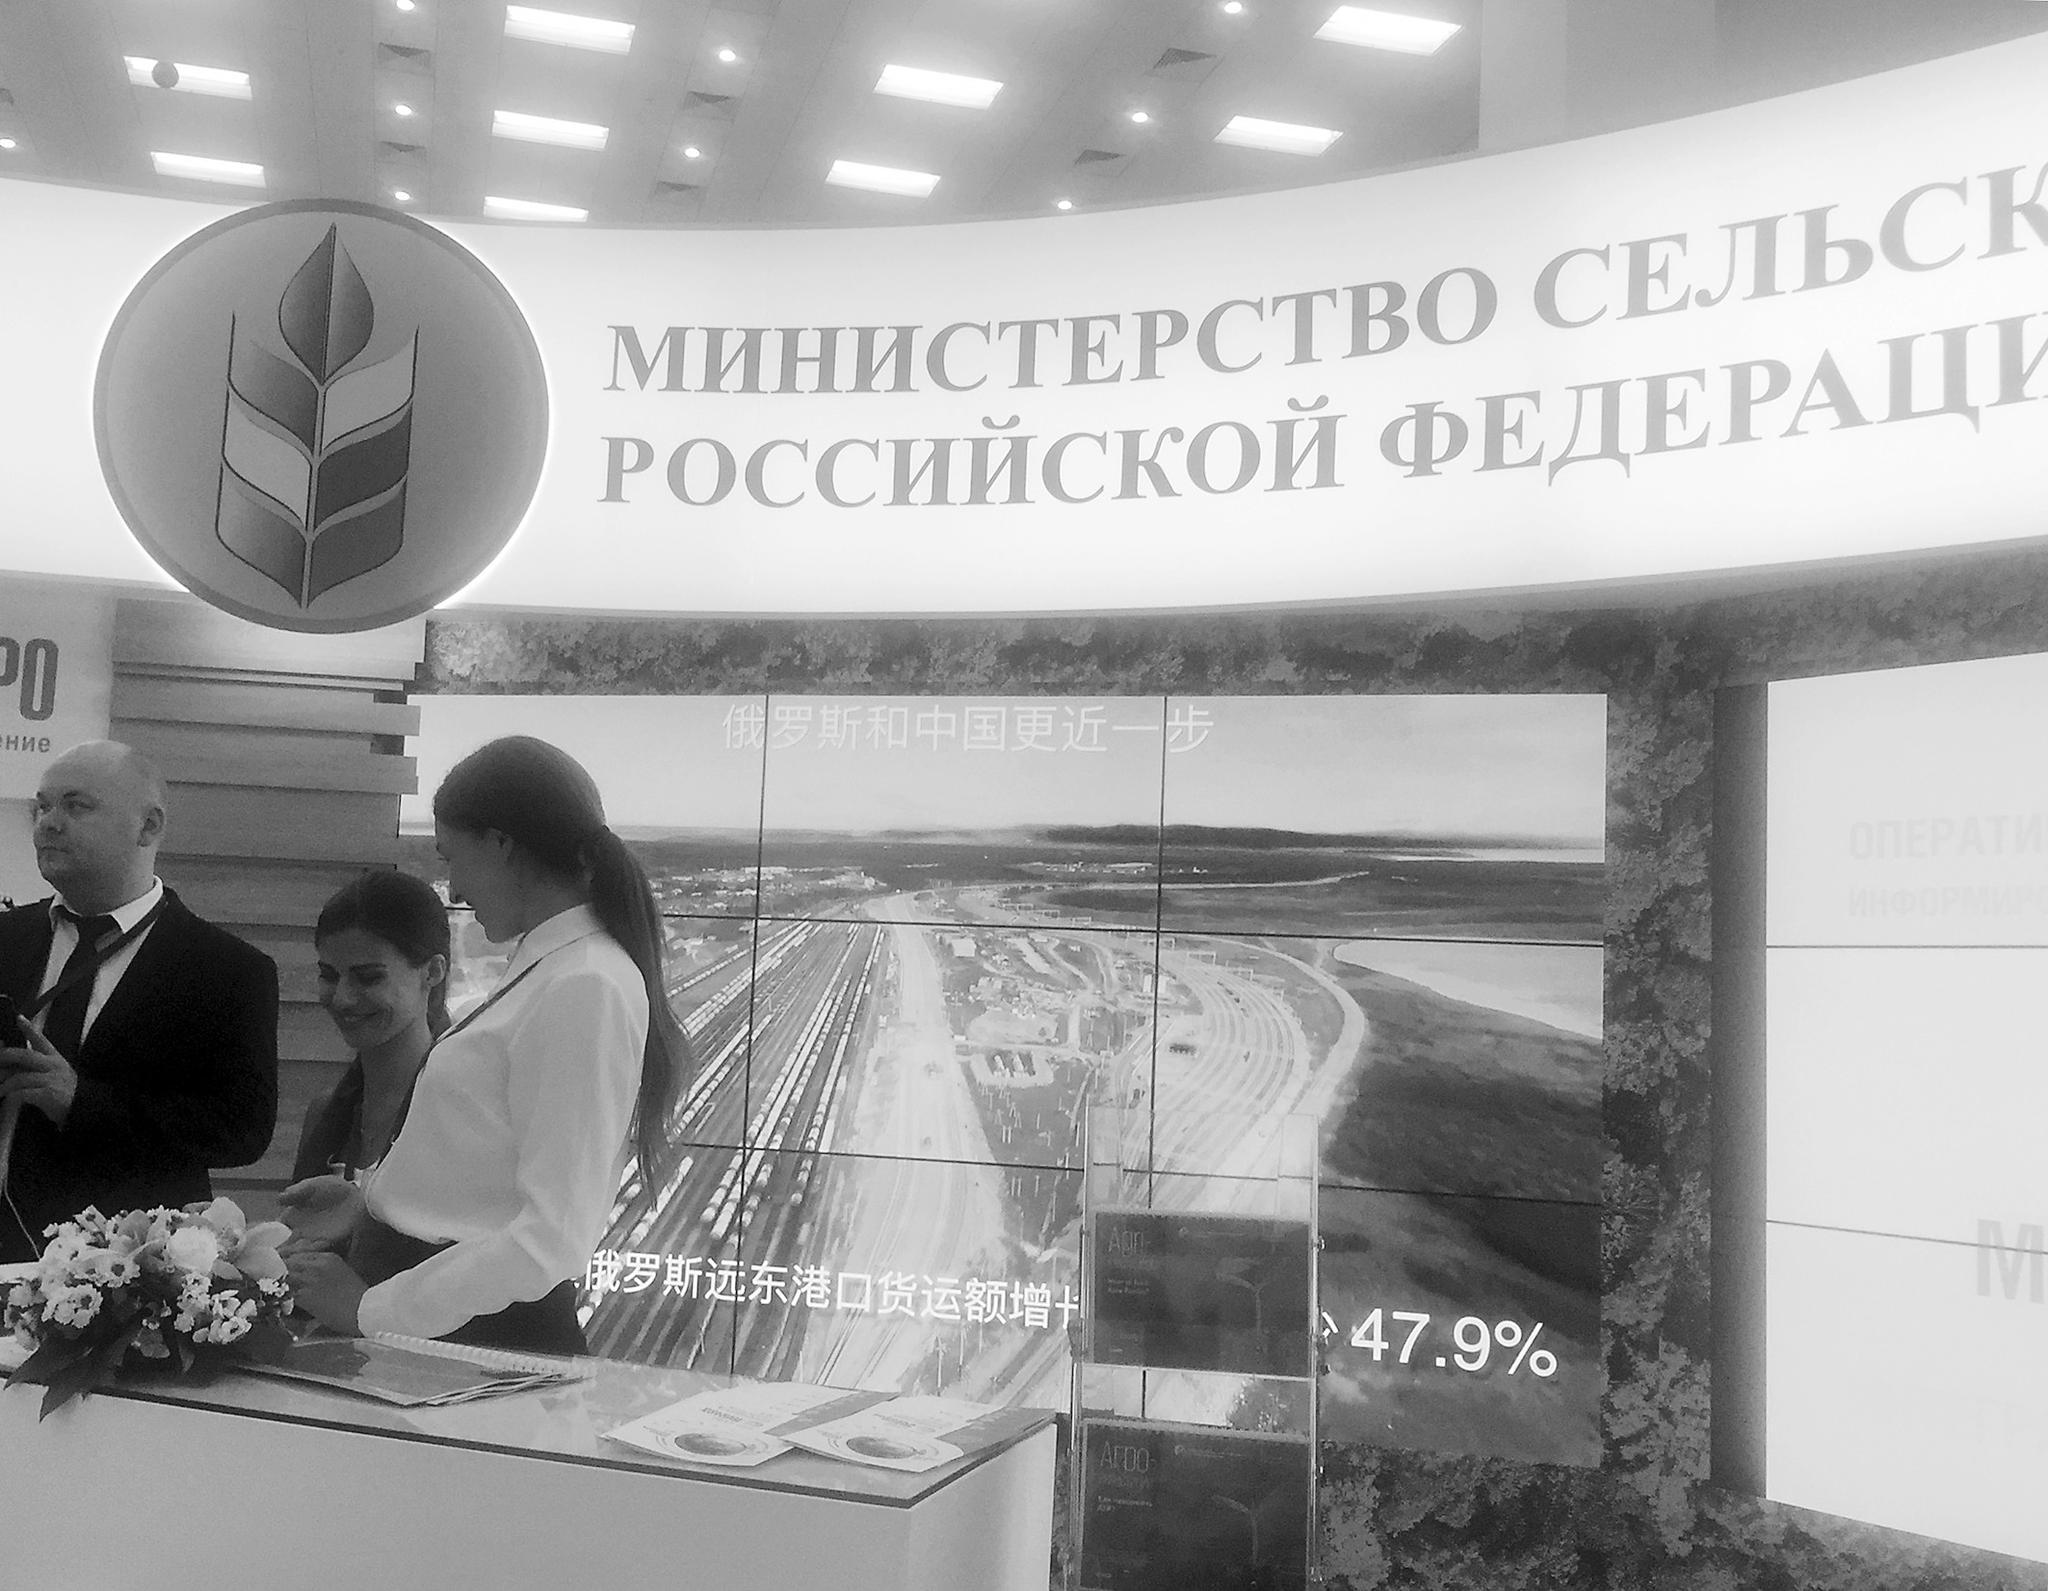 """俄罗斯远东人口_俄罗斯逾12万人申请""""远东1公顷""""土地"""